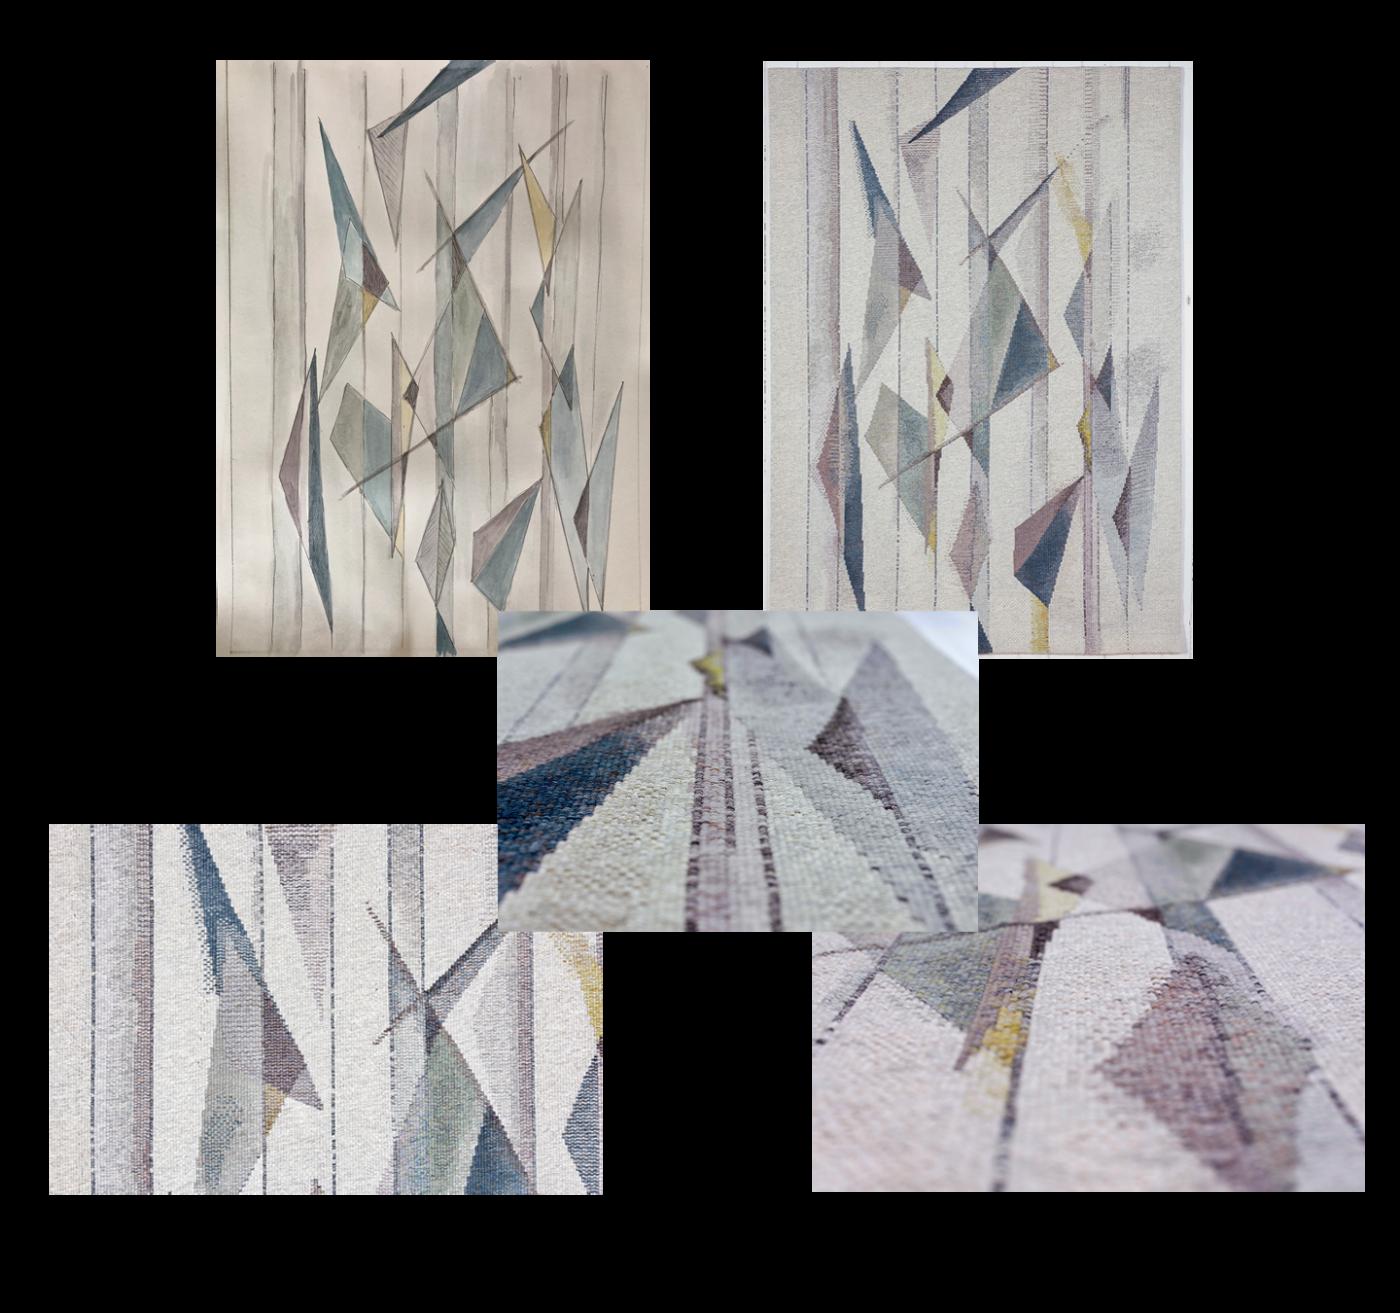 Galerie-Wandteppich-Tapestry-Von-der-Skizze-zum-fertigen-Teppich-Detailansichten